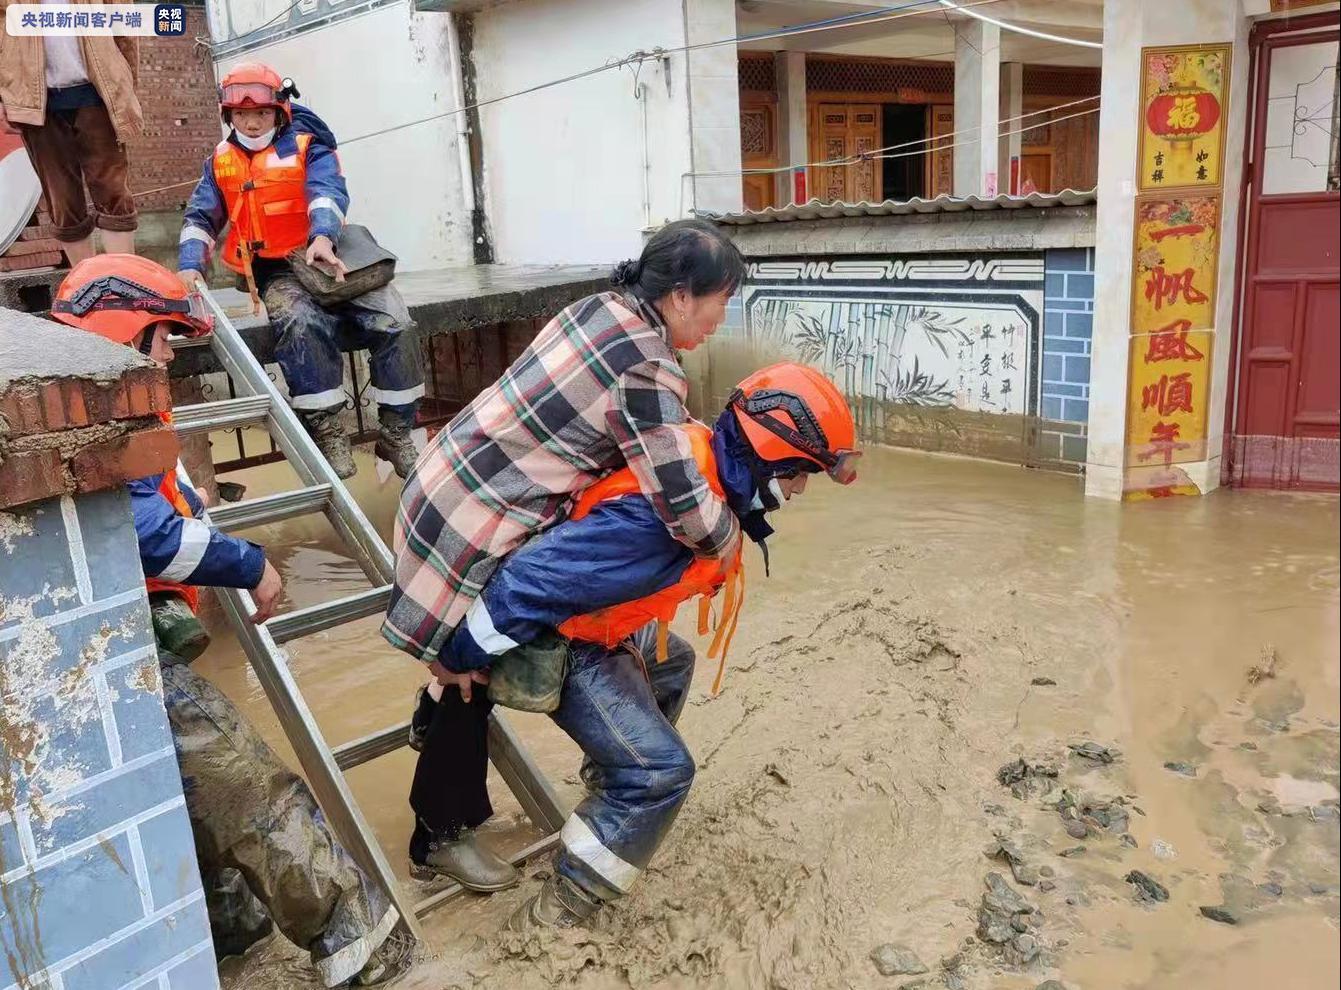 云南大理洱源发生山洪泥石流 致1人死亡3人失联